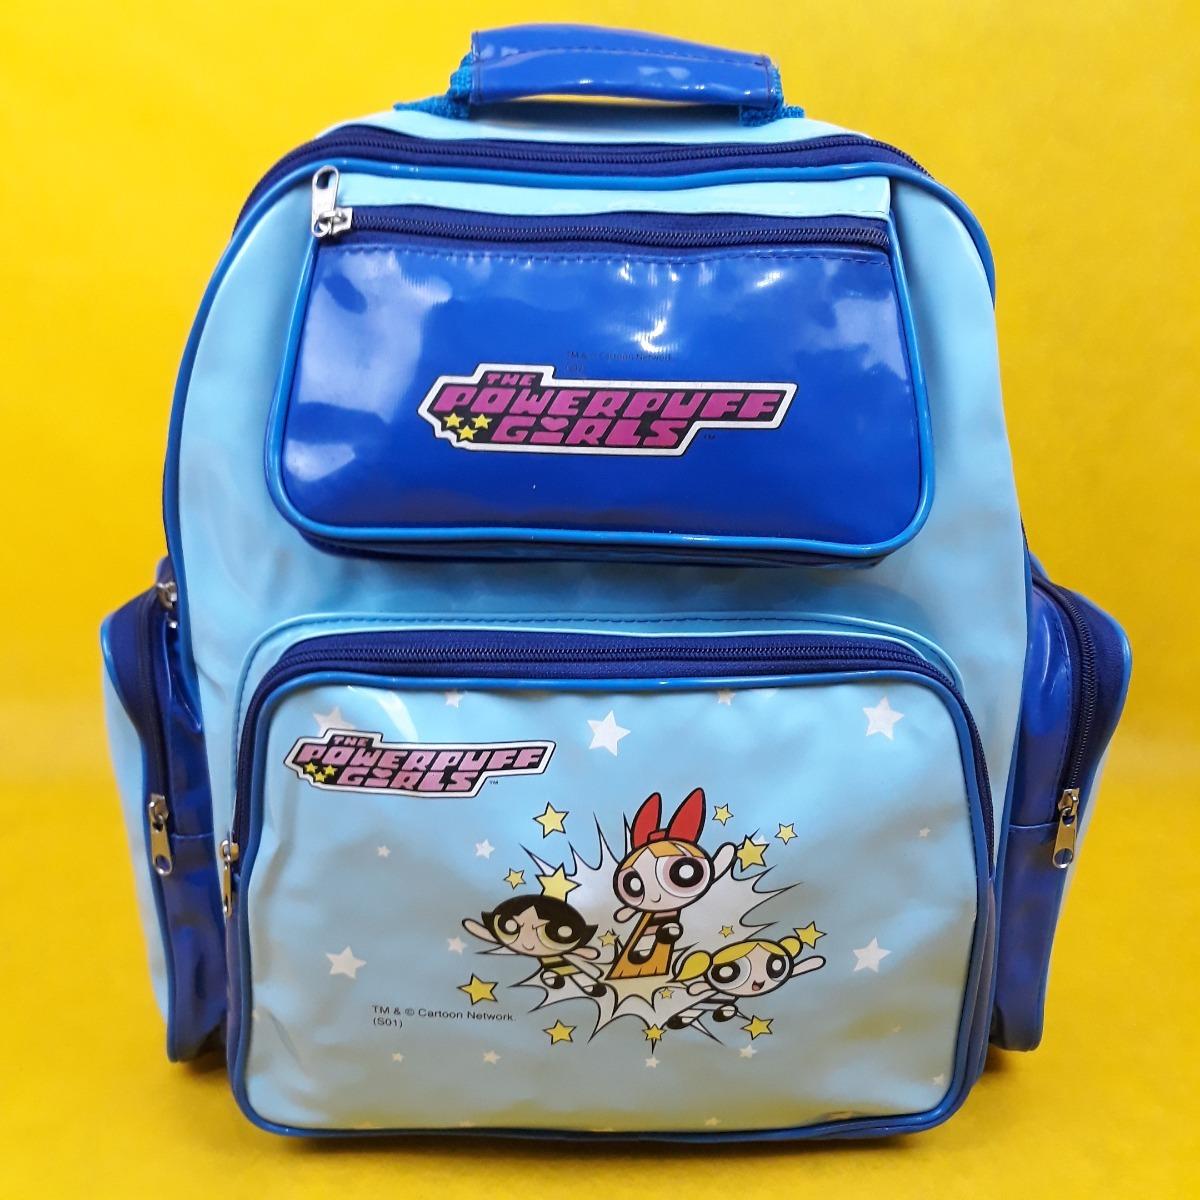 c7d400d9d mochila escolar de costas feminina infantil barata usada. Carregando zoom.